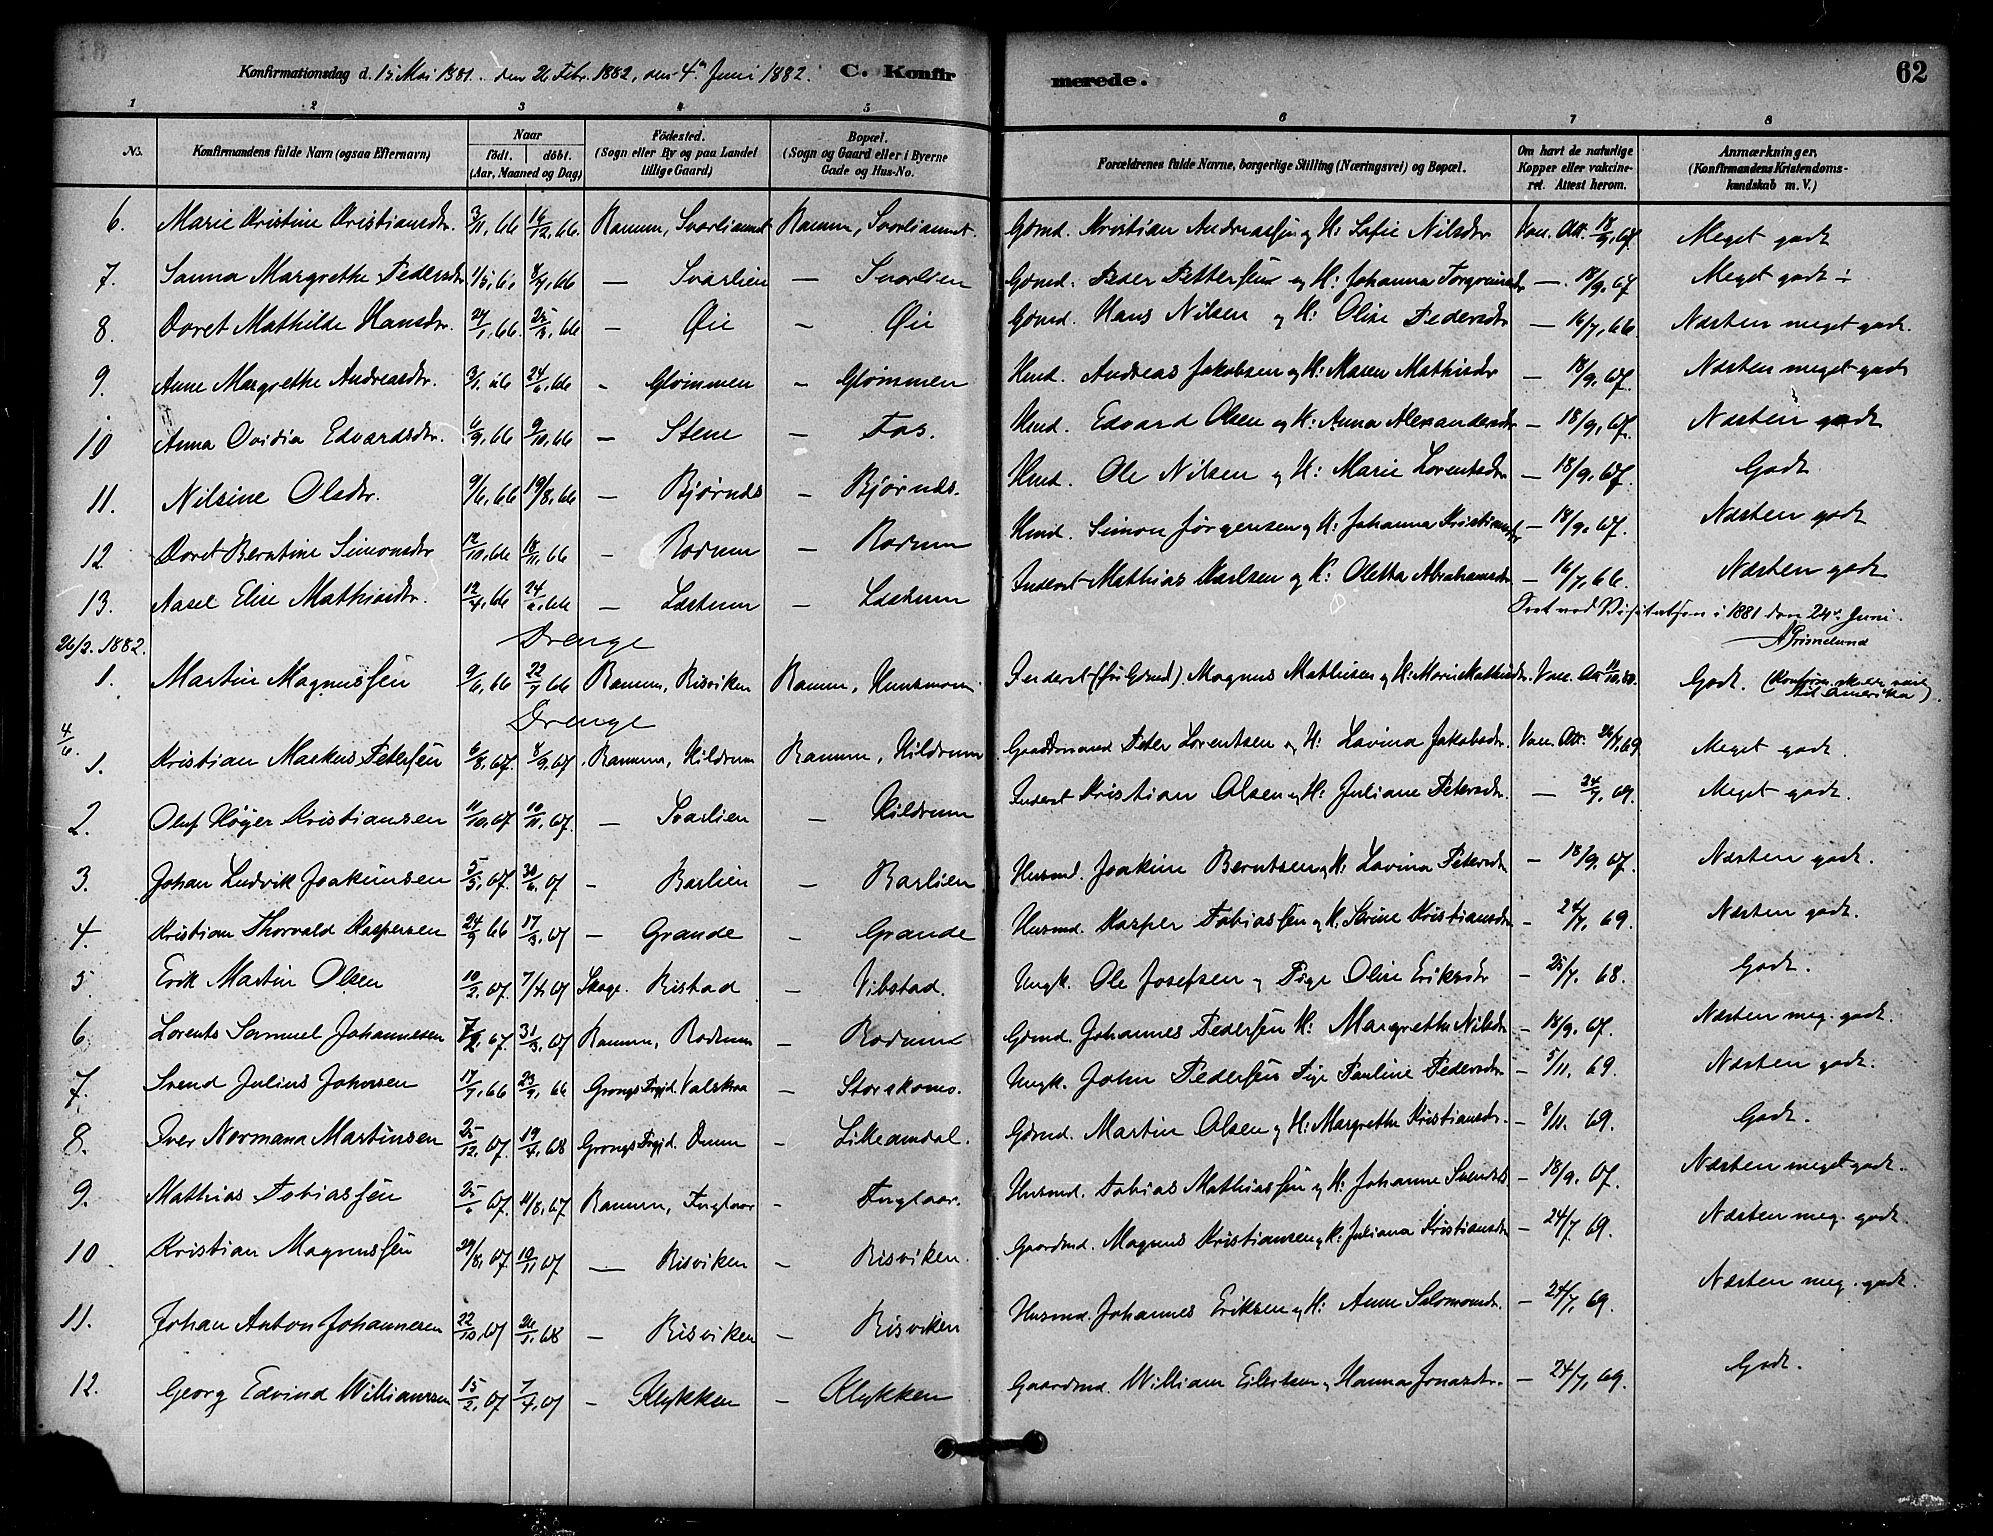 SAT, Ministerialprotokoller, klokkerbøker og fødselsregistre - Nord-Trøndelag, 764/L0555: Ministerialbok nr. 764A10, 1881-1896, s. 62